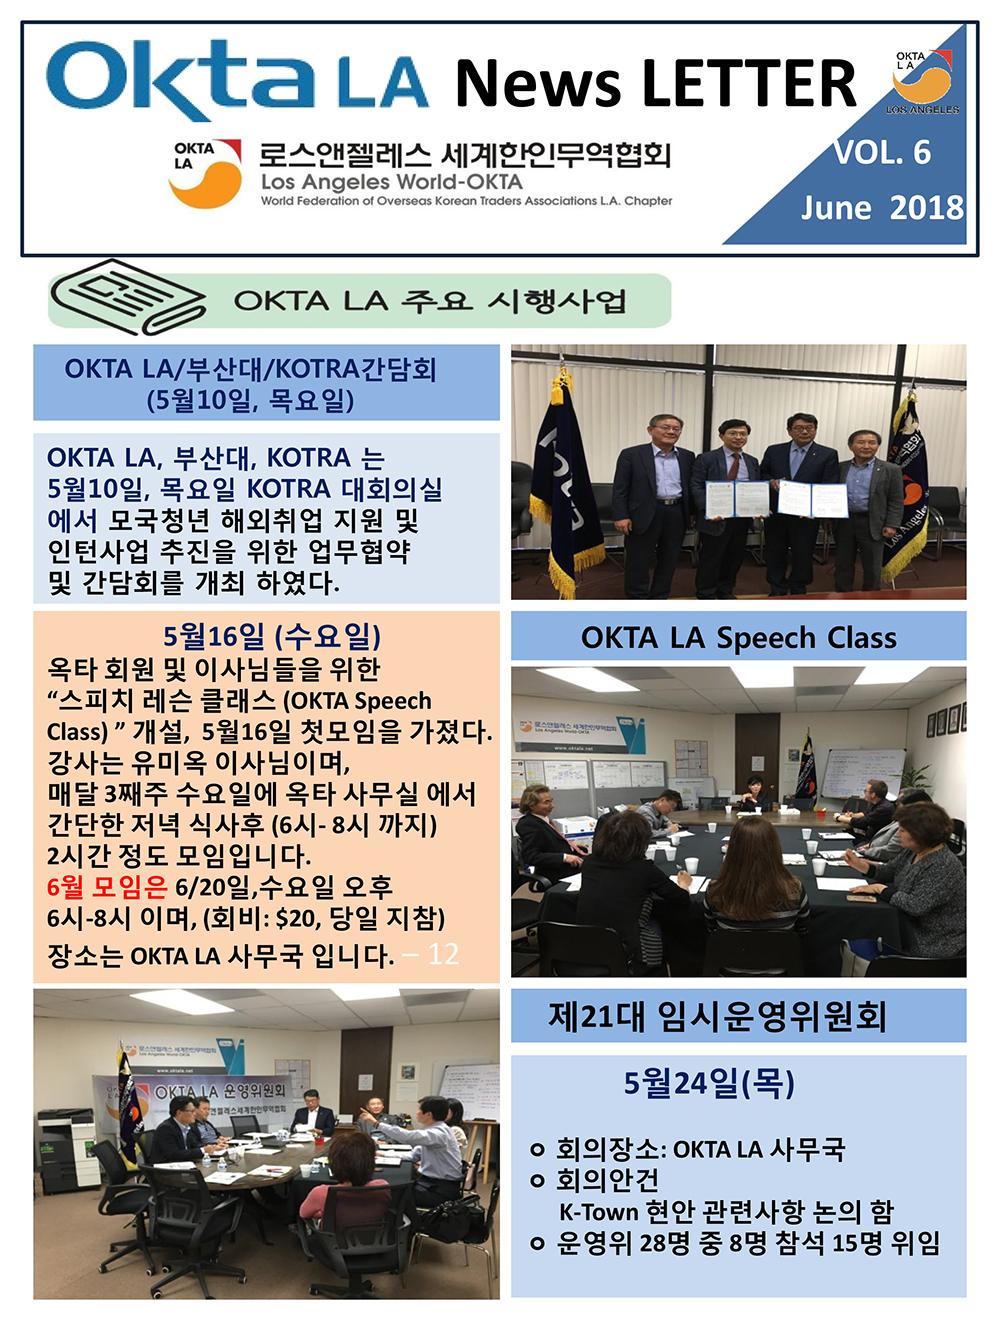 2018 OKTA LA 뉴스레터<br> 6월호 Vol 6